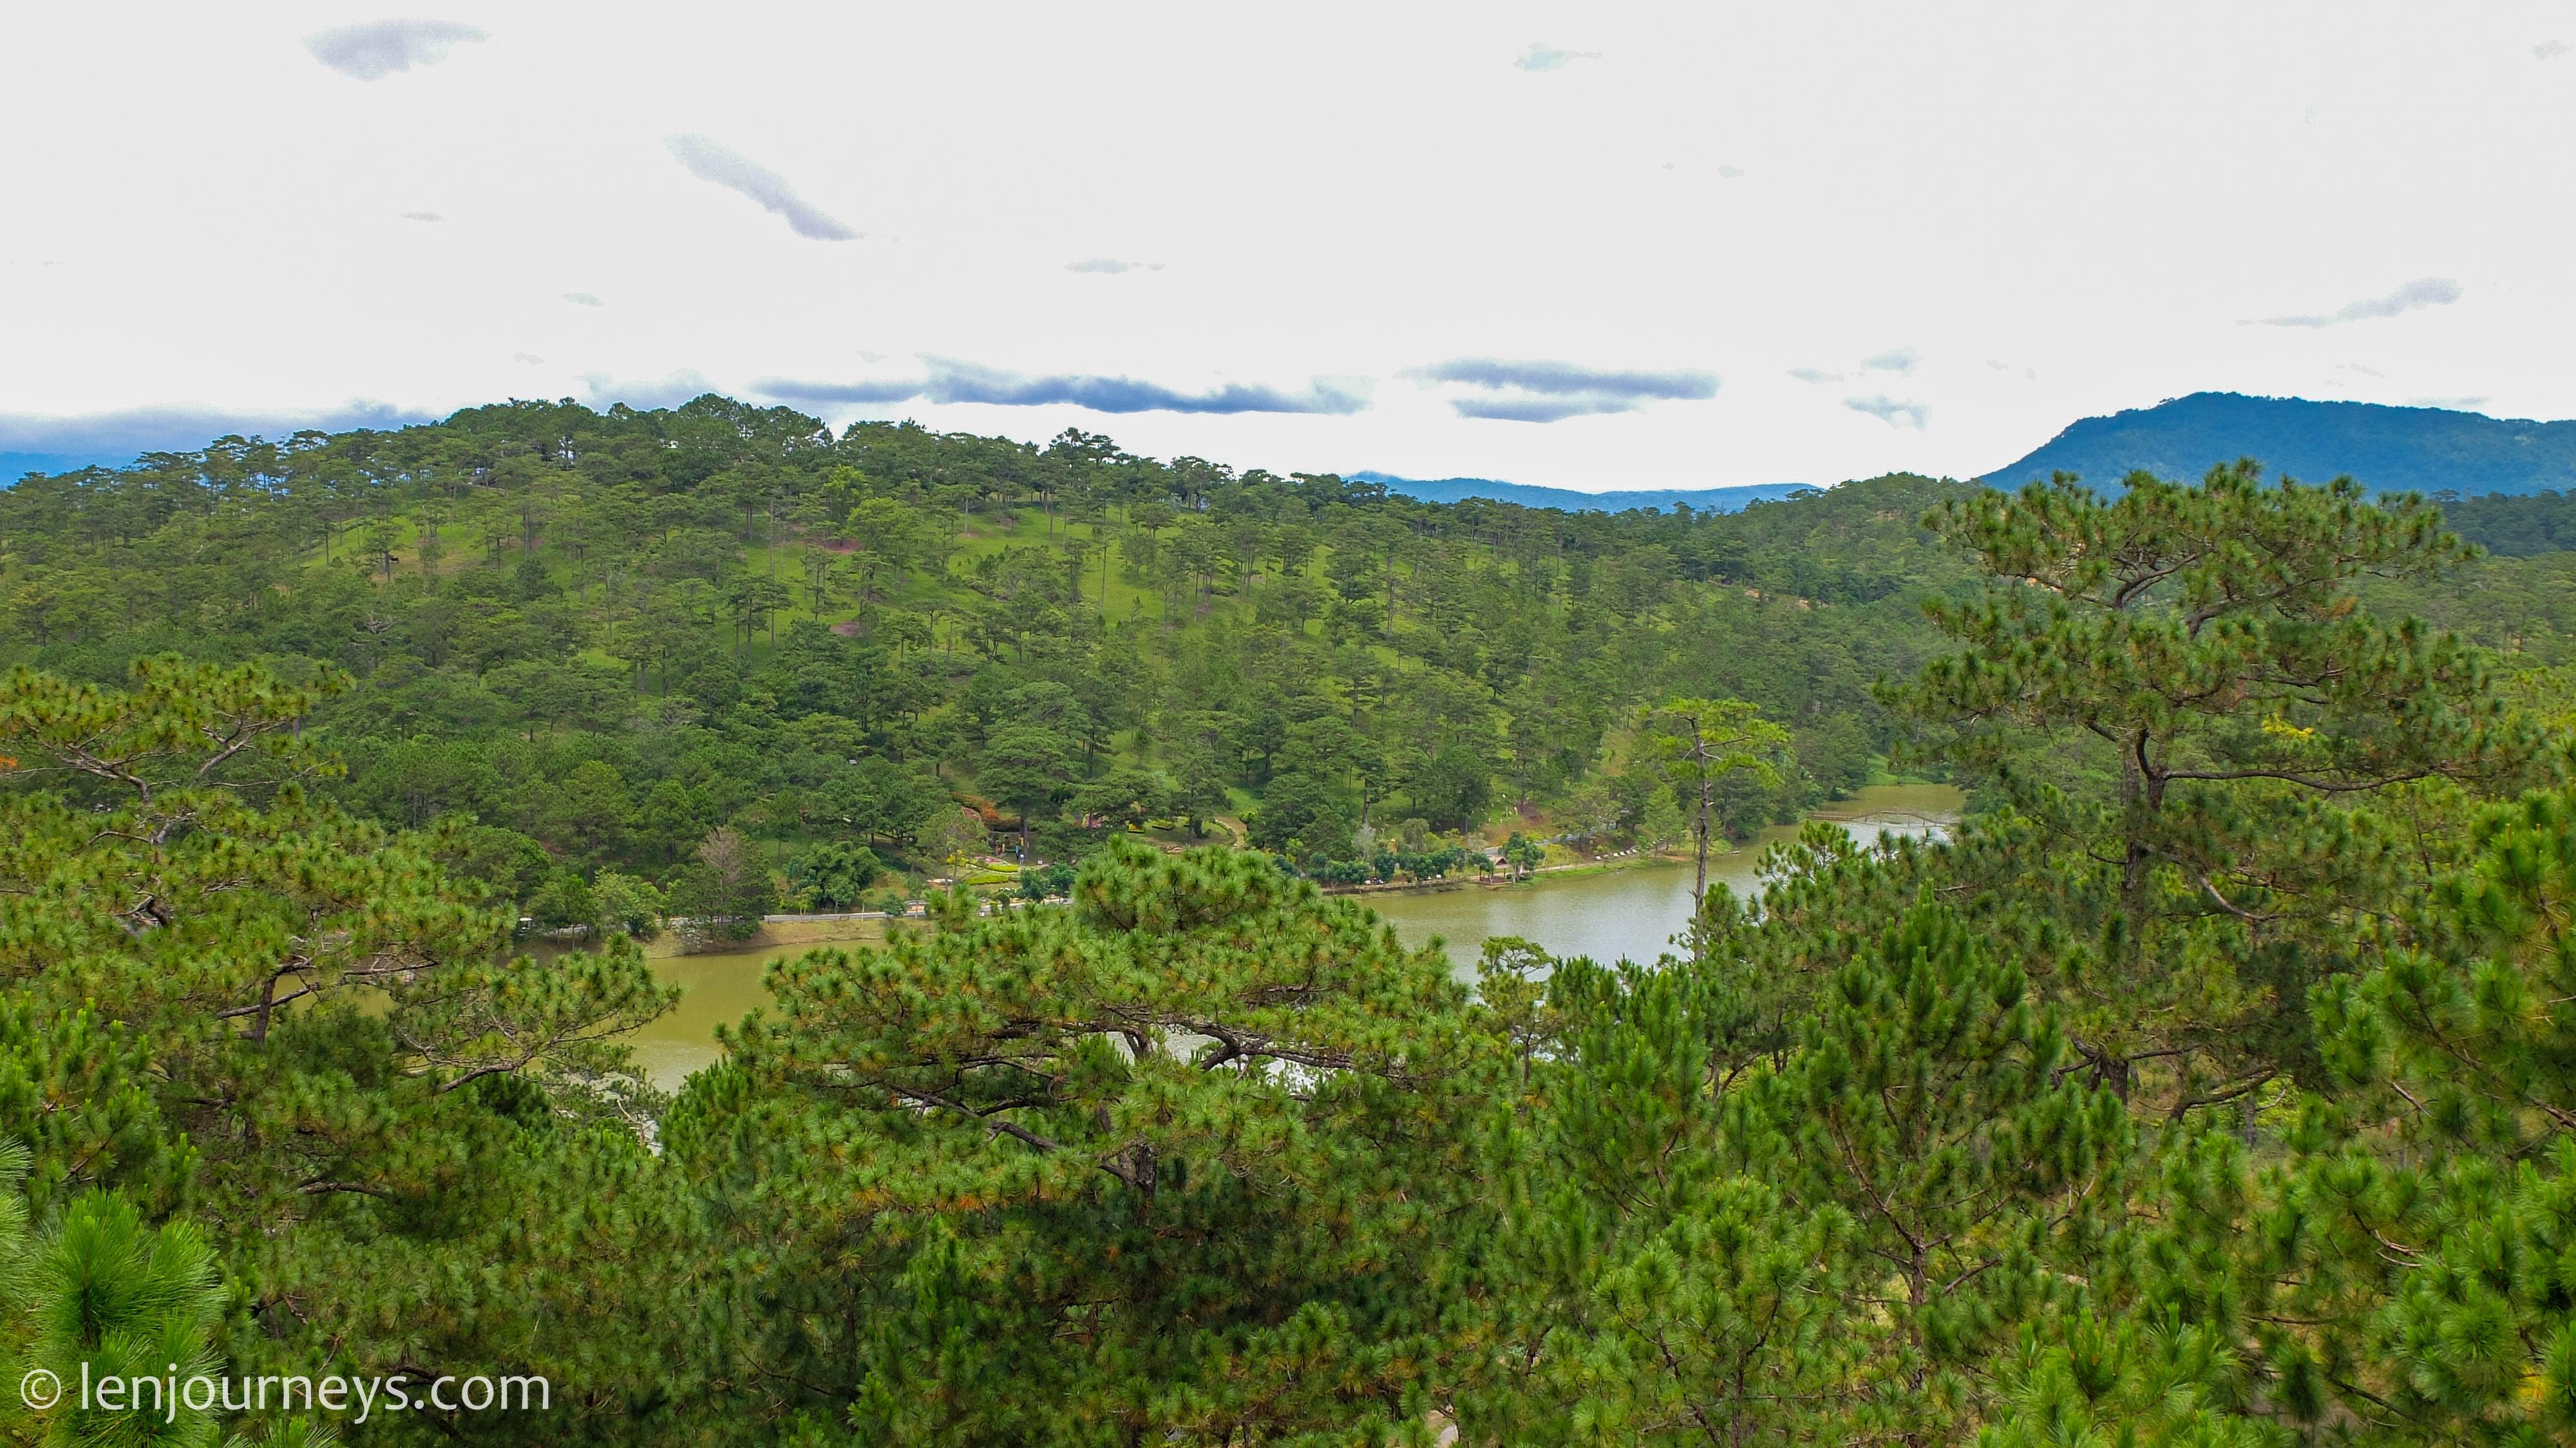 Pine-covered hills in Da Lat